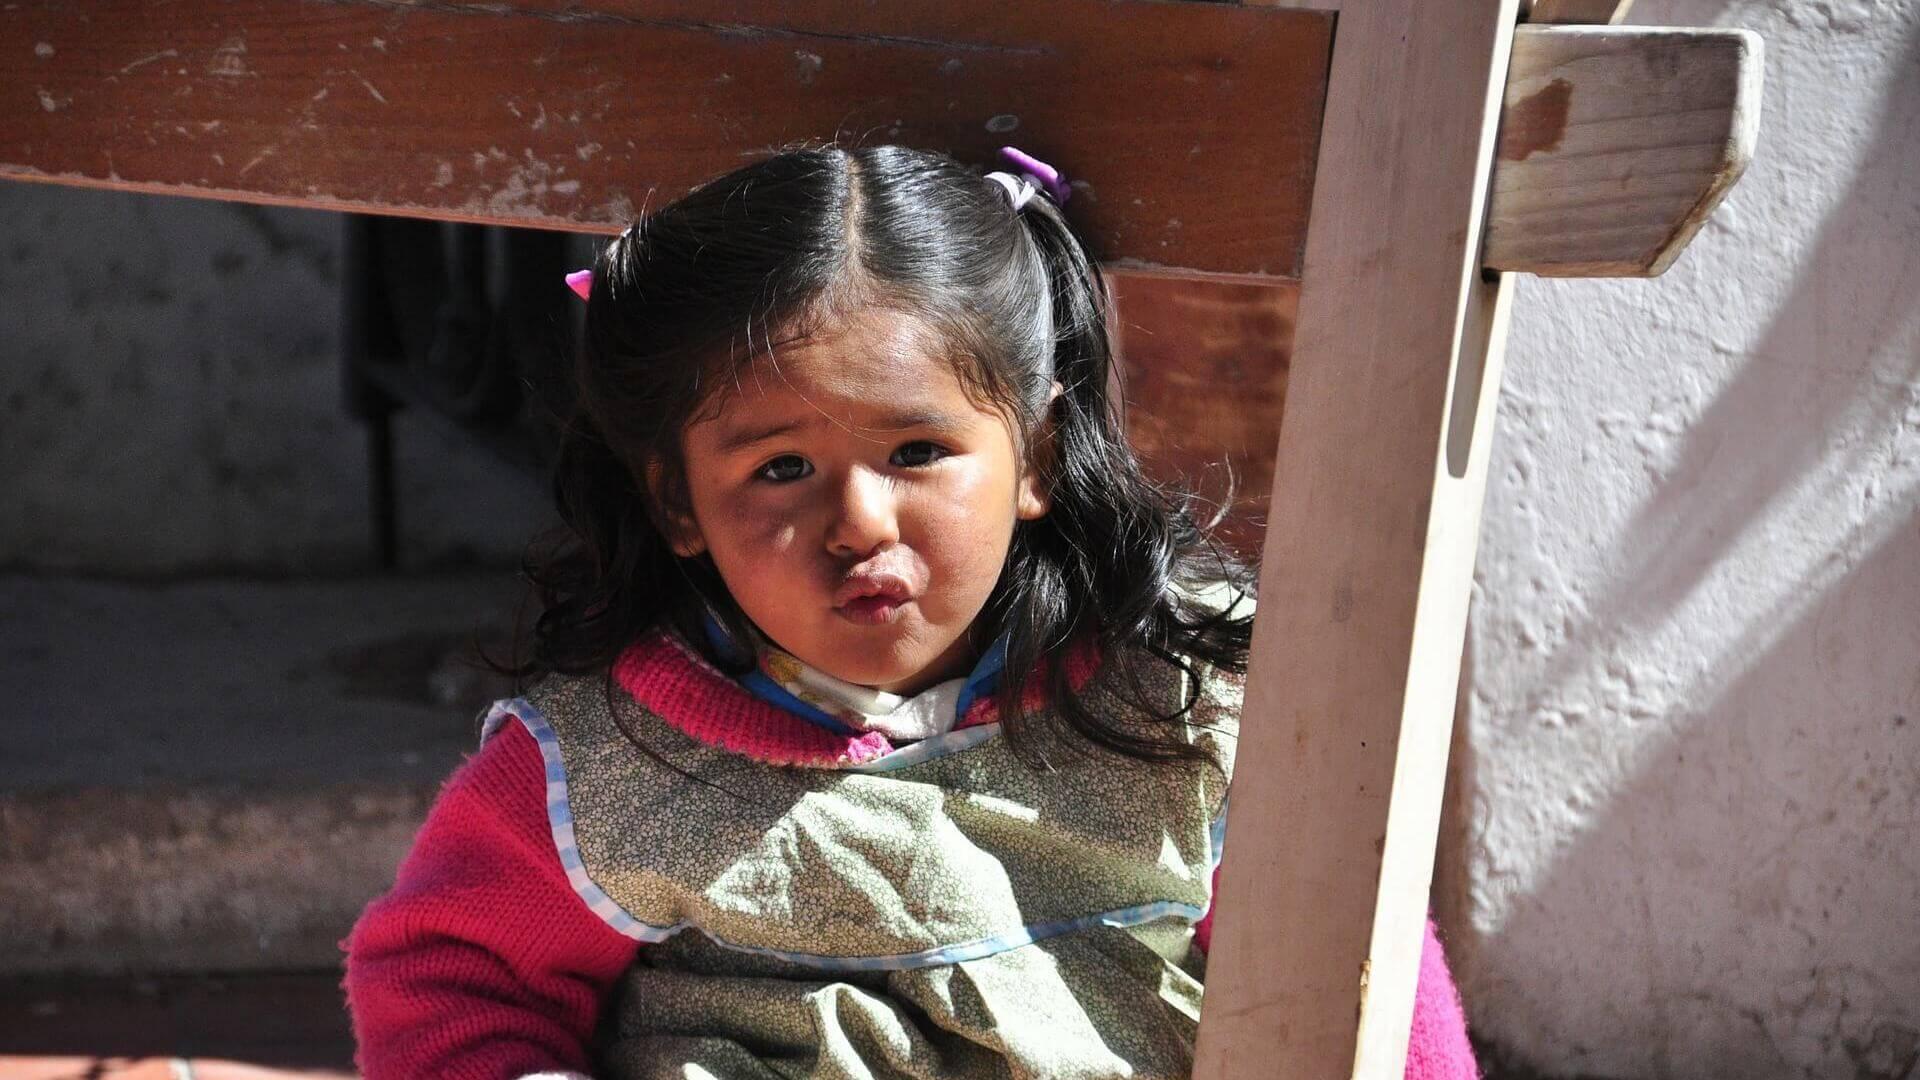 Boliviaans kind kijkt in de camera in Potosi, Bolivia